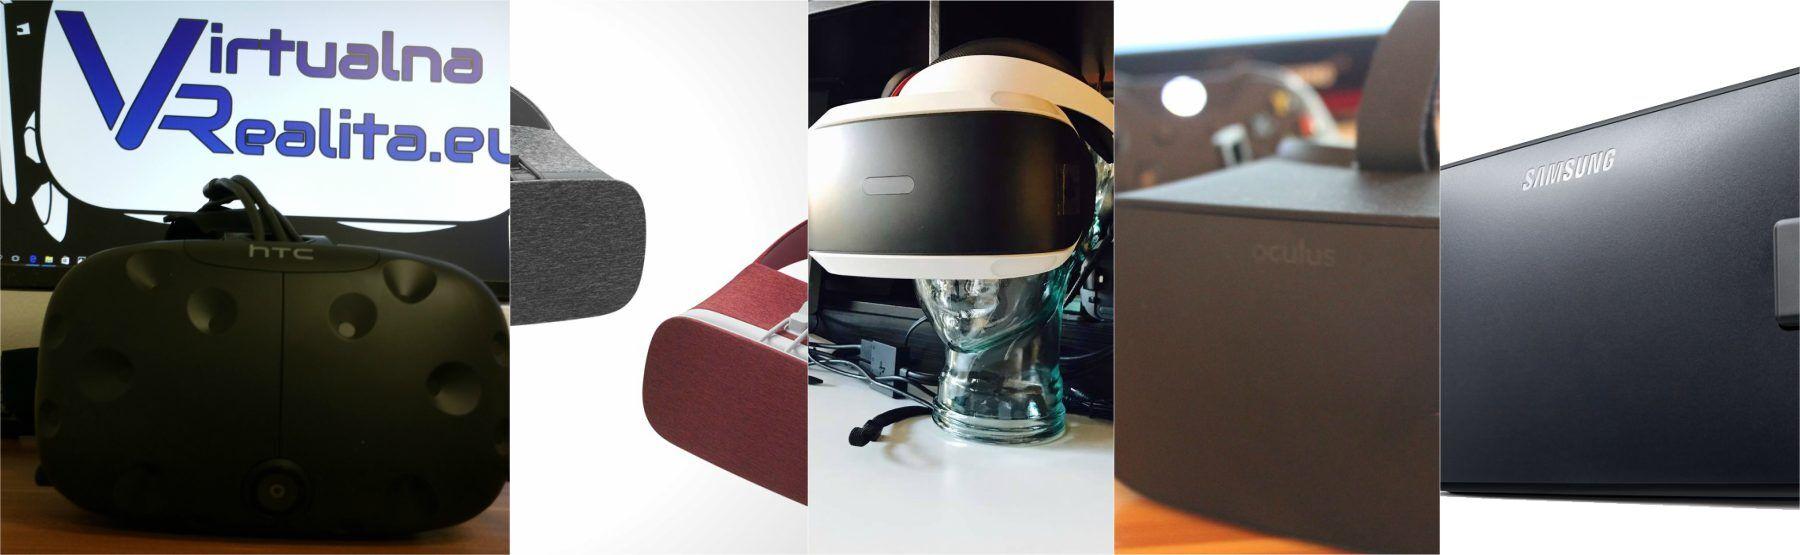 Ktorý VR headset je najpredávanejší v roku 2017   - VirtualnaRealita.eu e633656411c